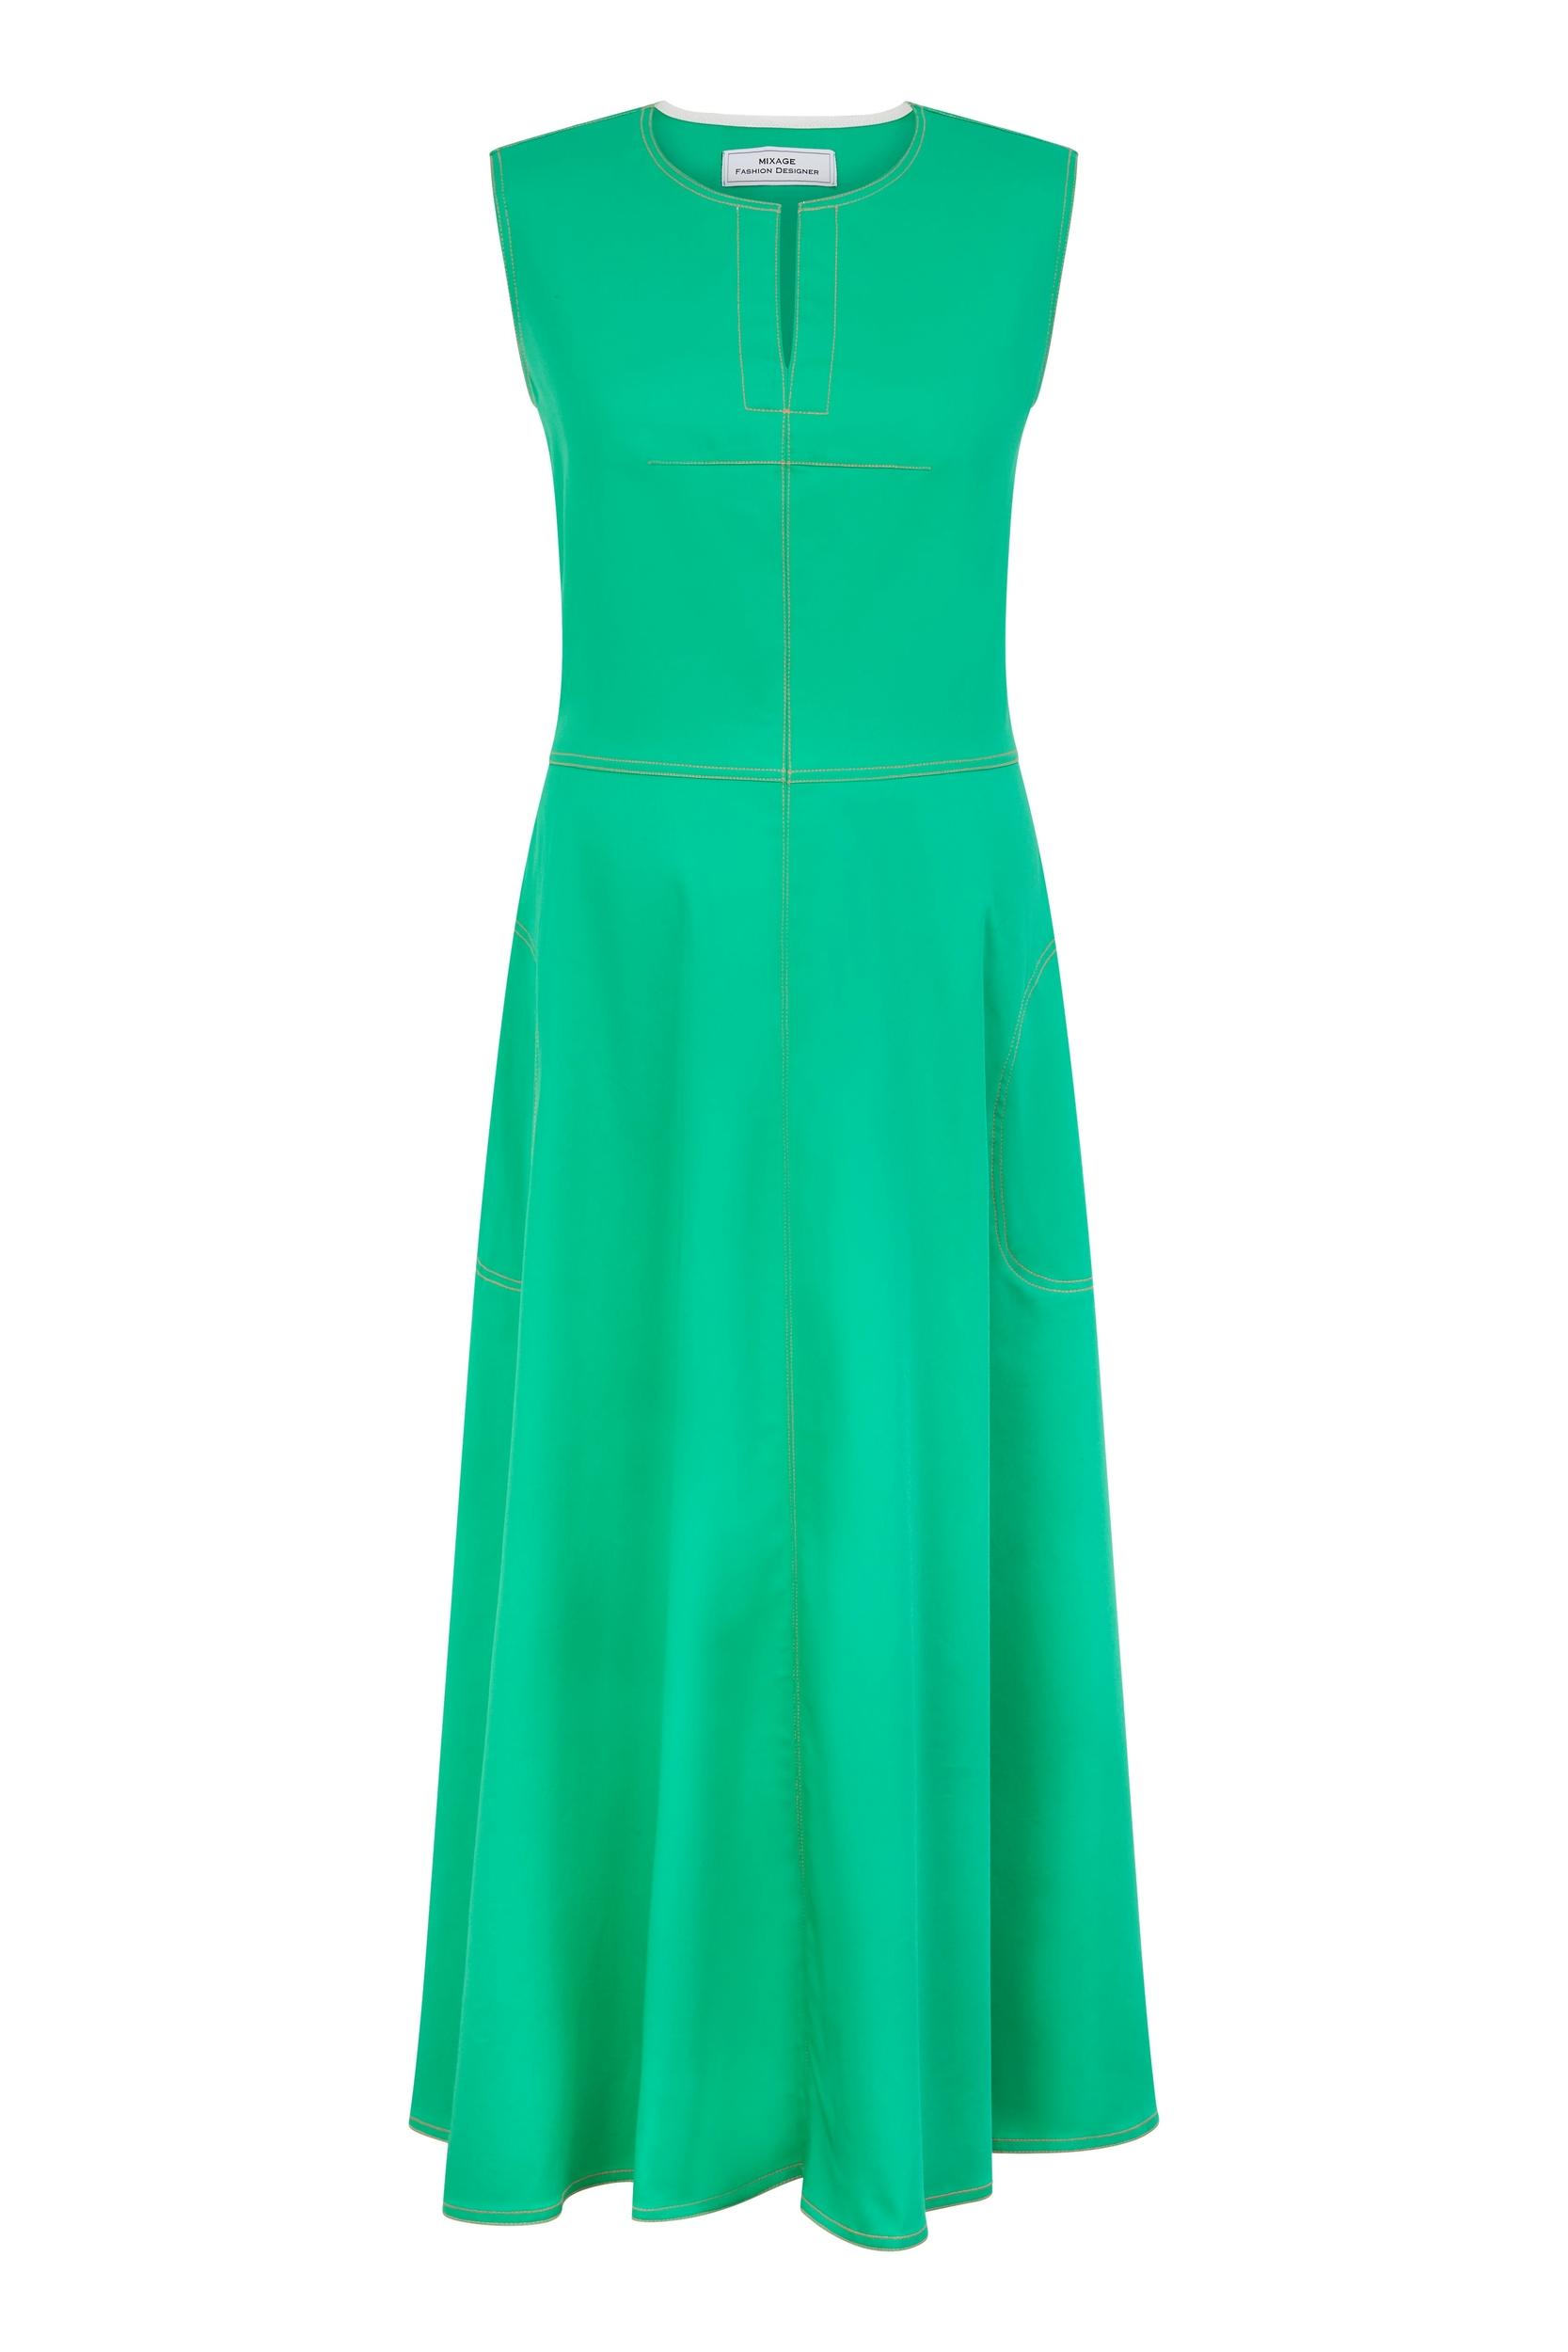 jul green